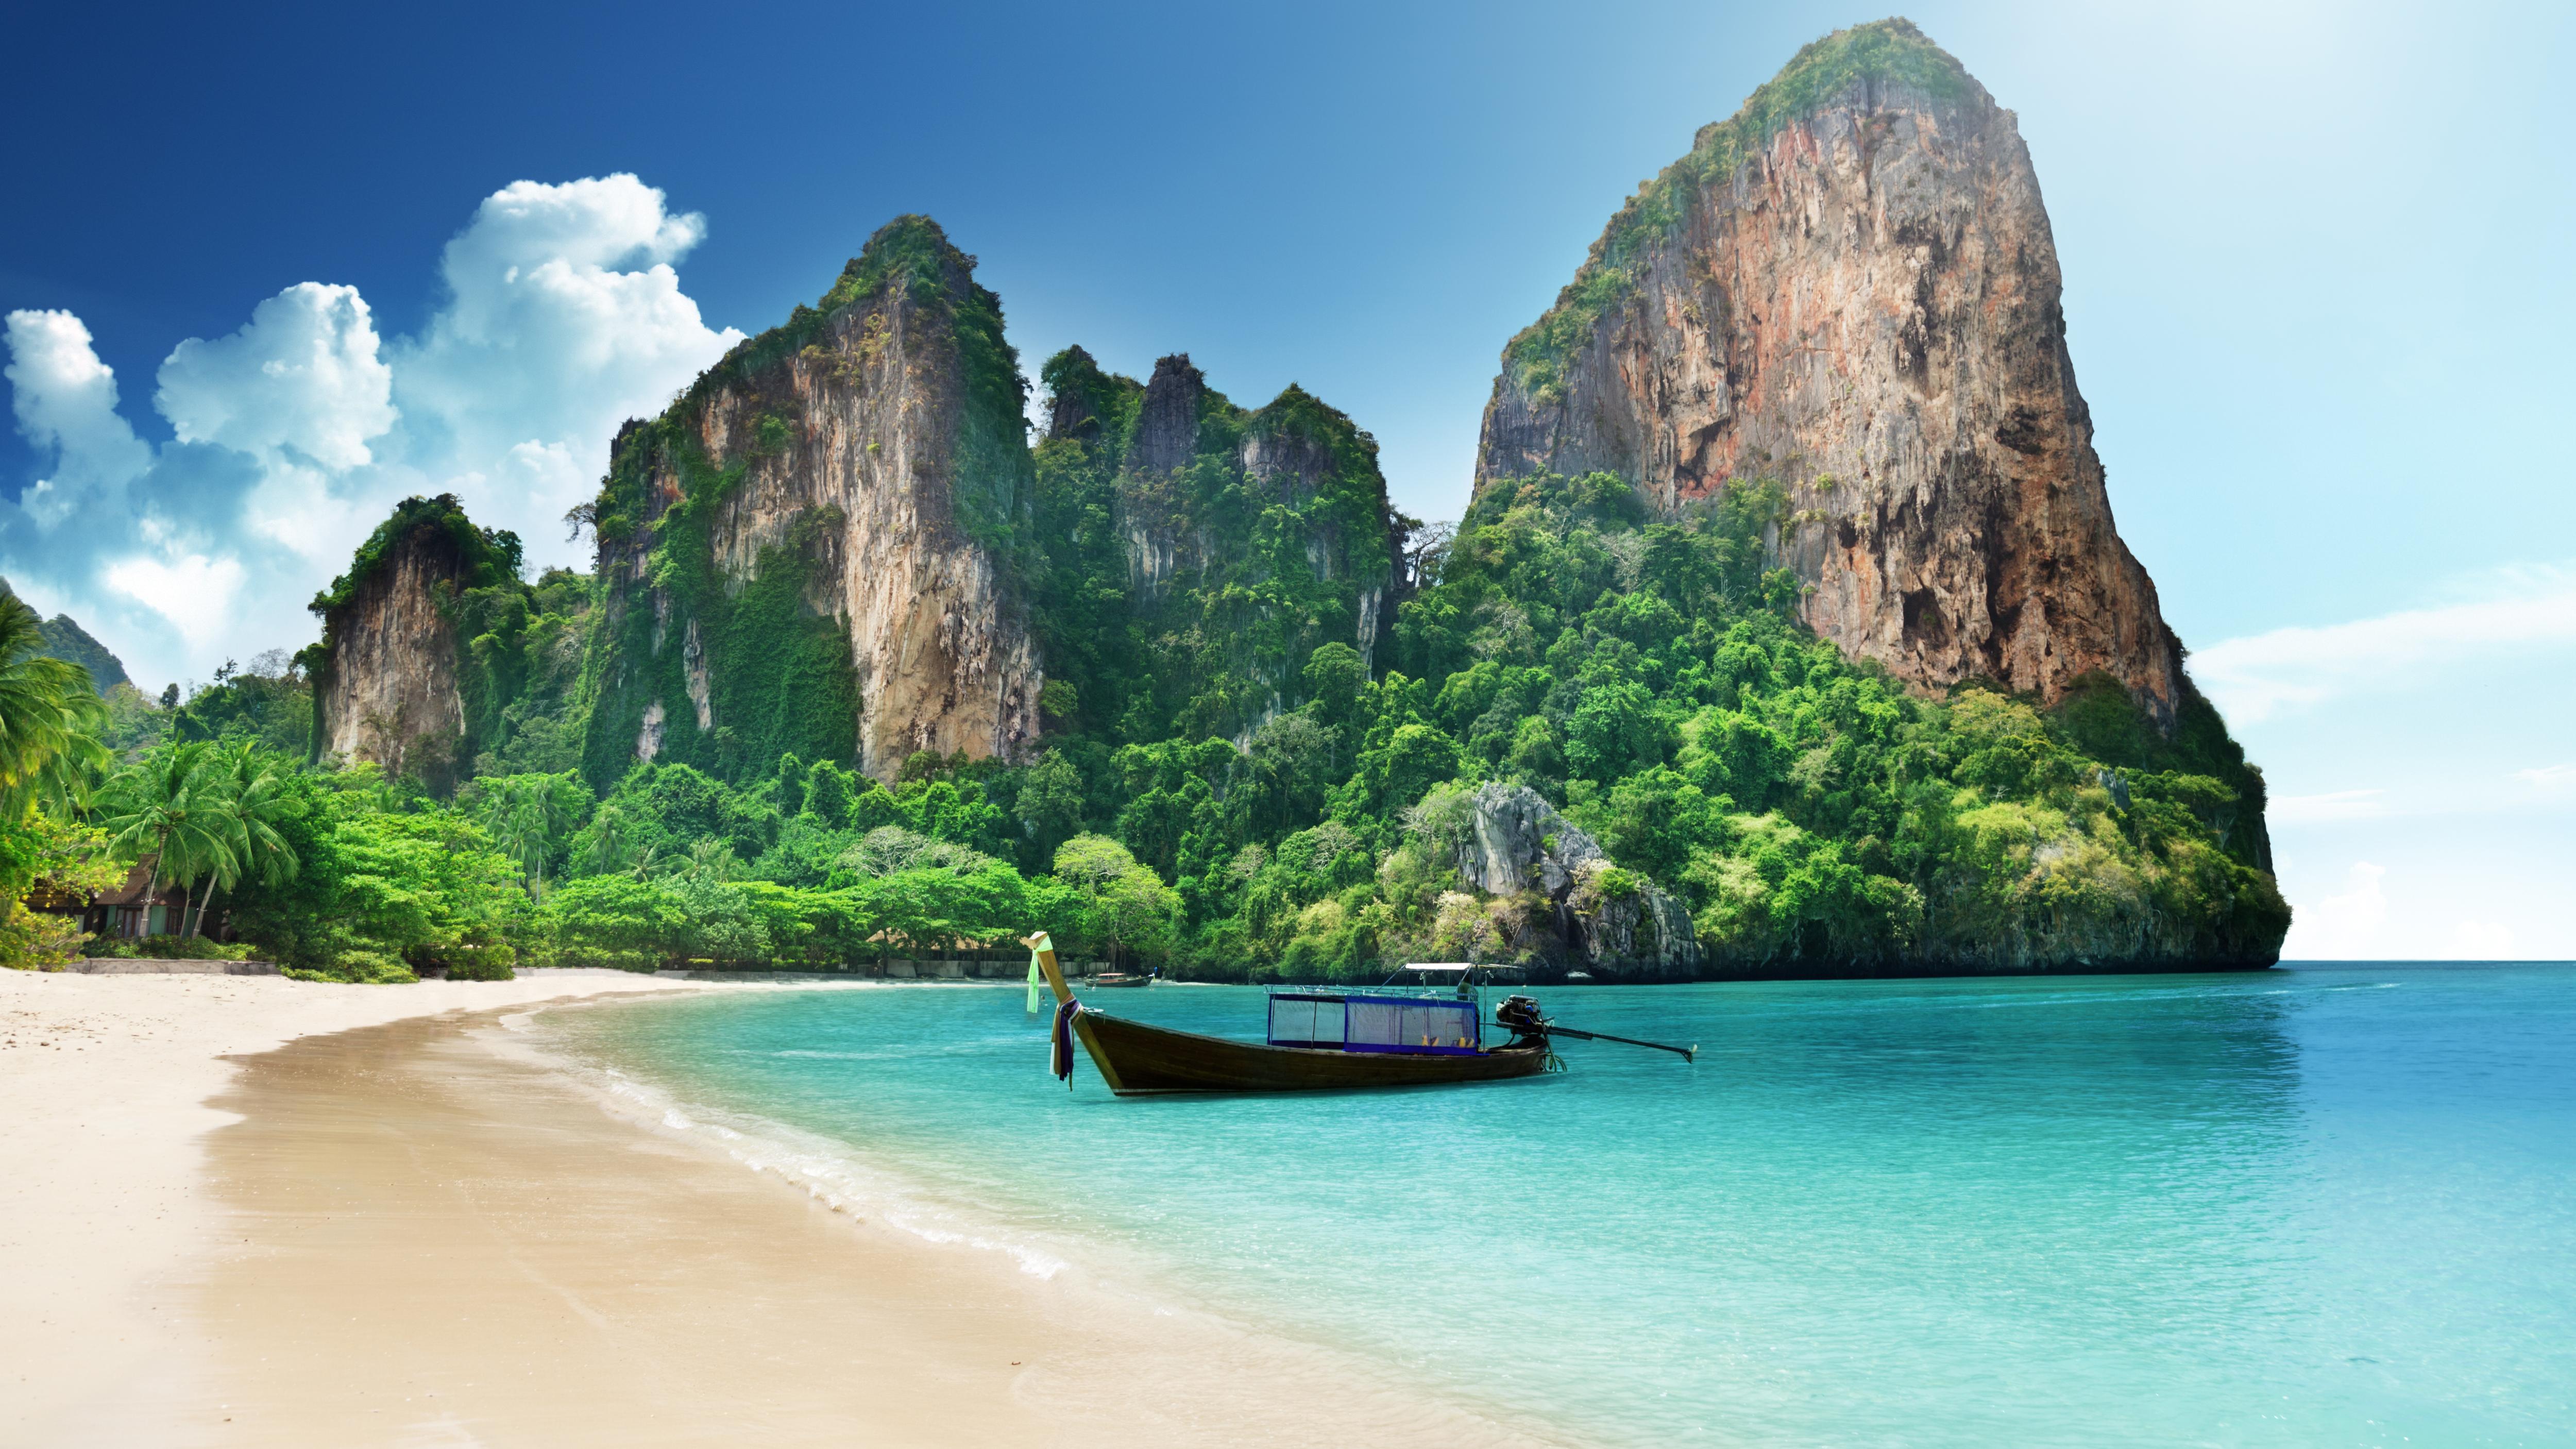 Tropical Beach - Desktop Wallpaper